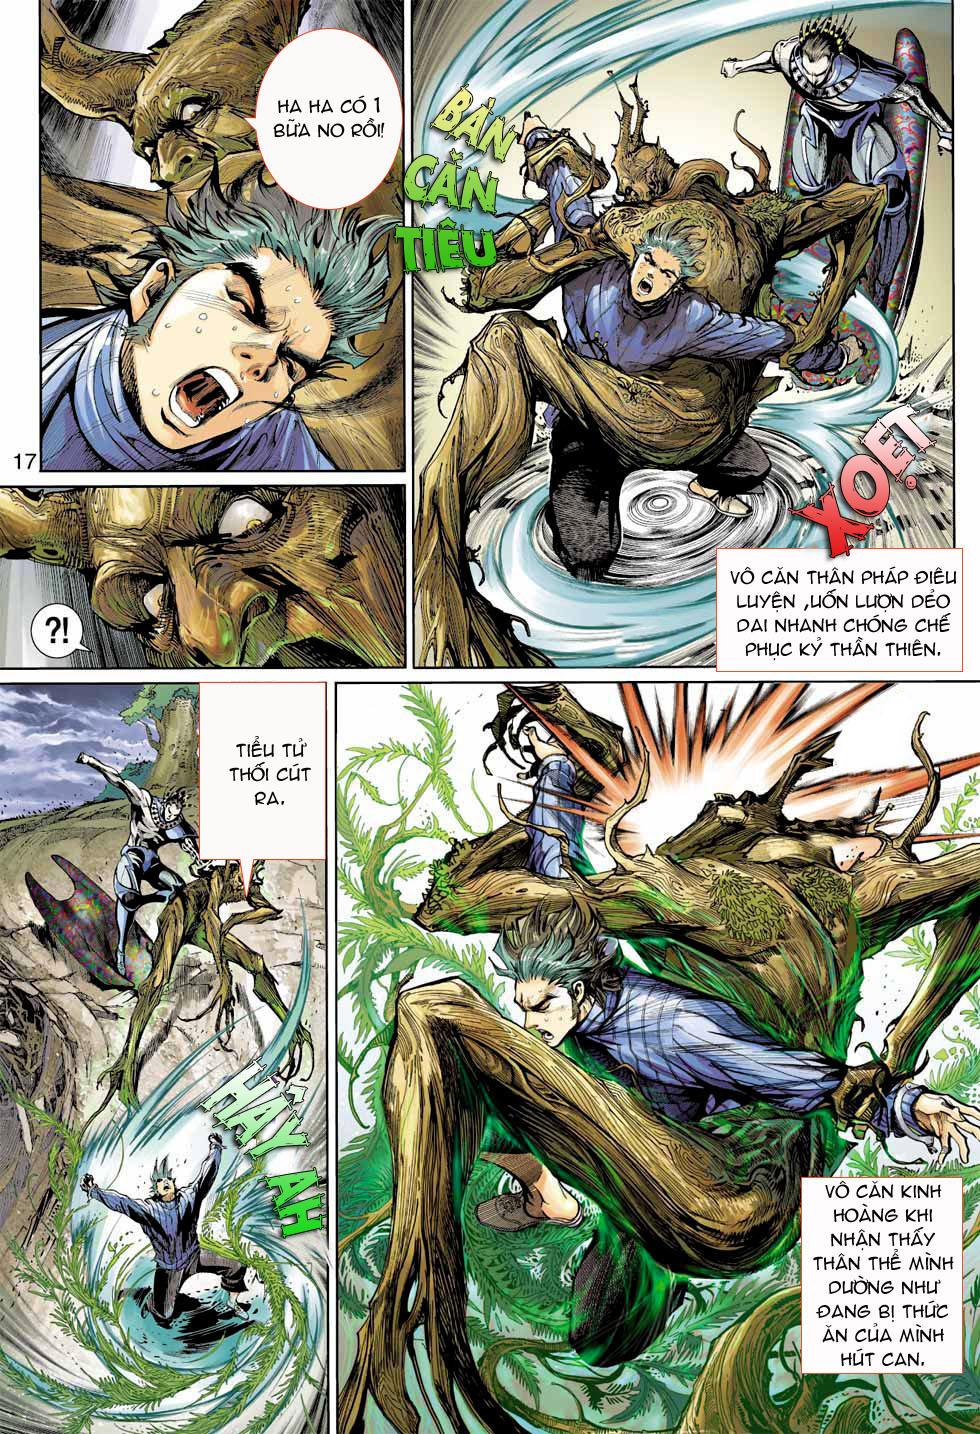 Thần Binh 4 chap 7 - Trang 17